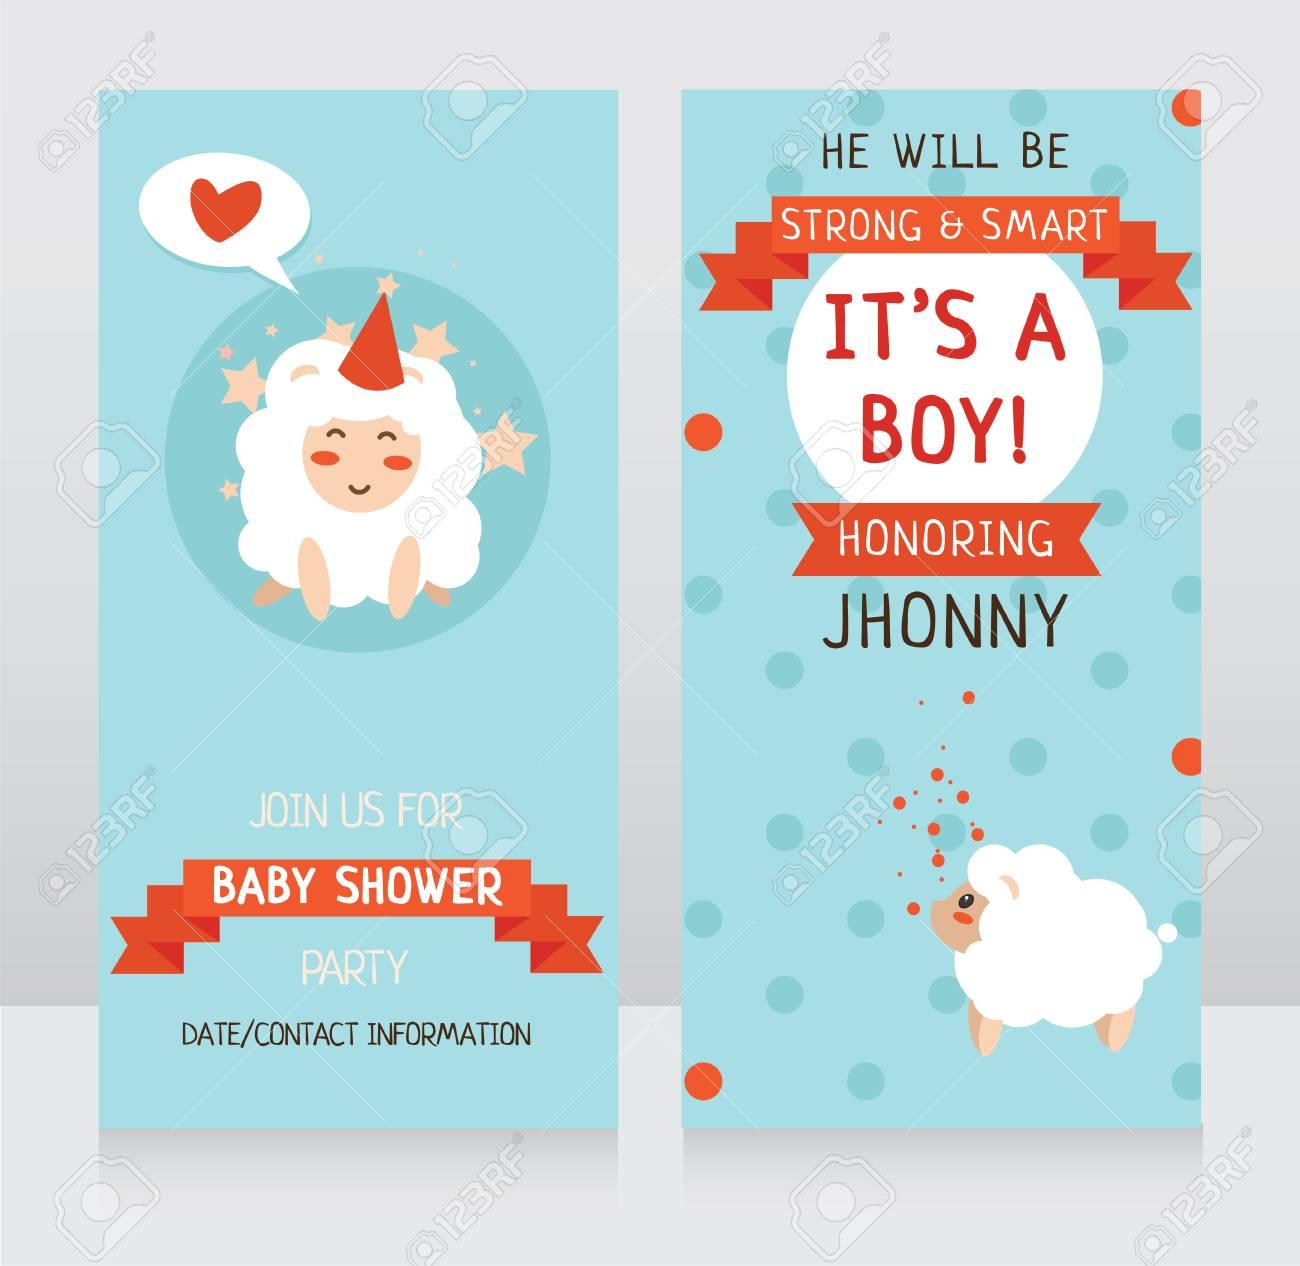 Plantilla De Invitaciones Para Baby Shower Party Tarjetas De Llegada De Bebé Ilustración Vectorial